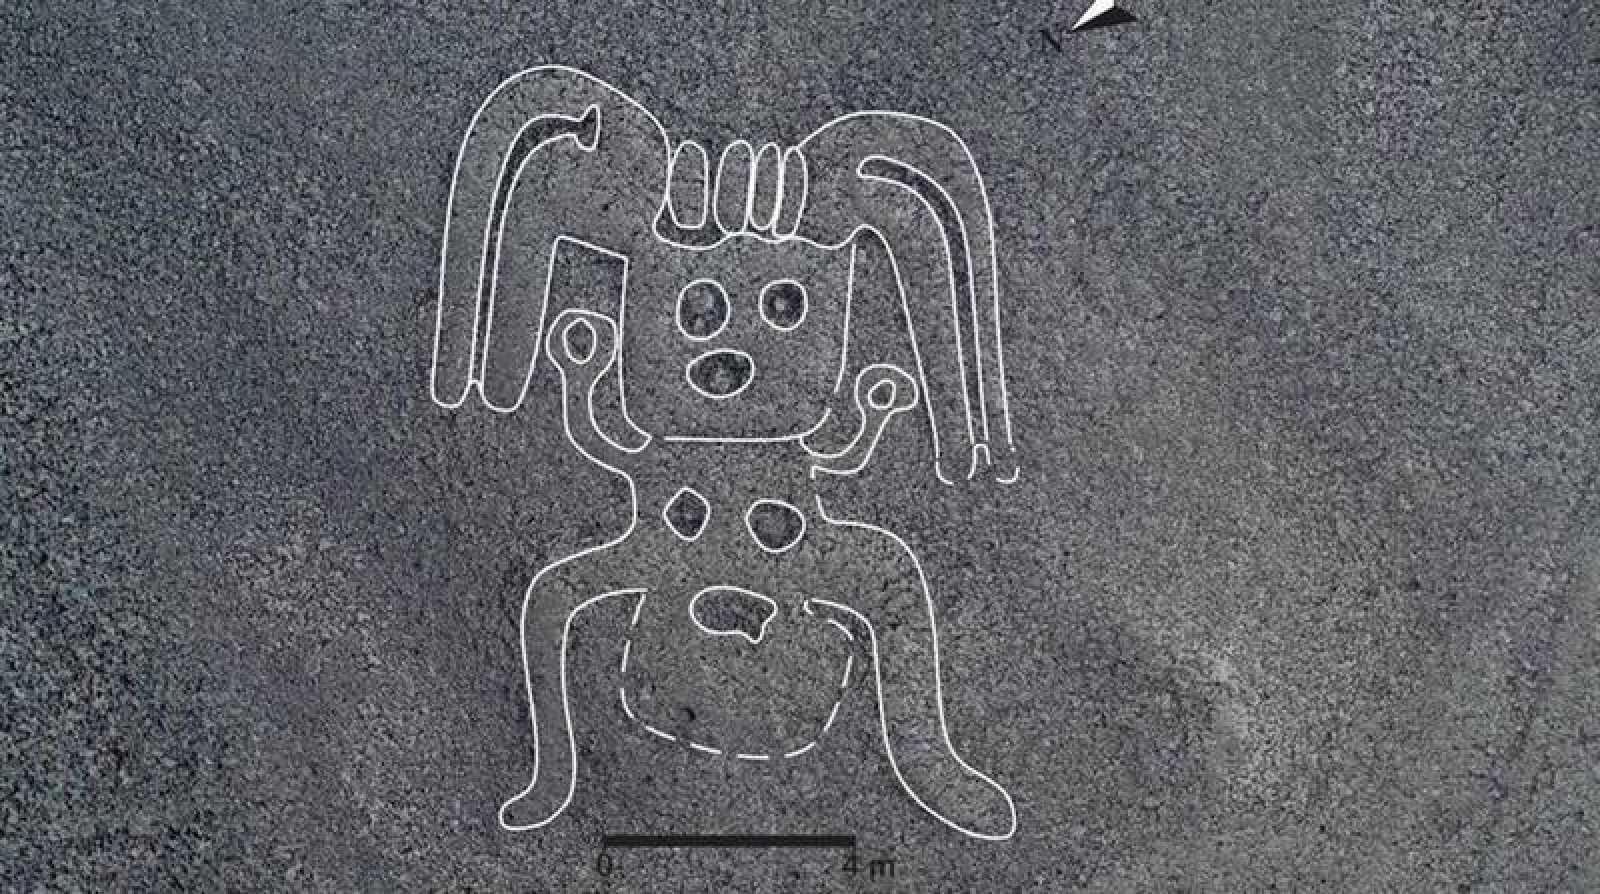 Una de las figuras humanoides descubiertas.